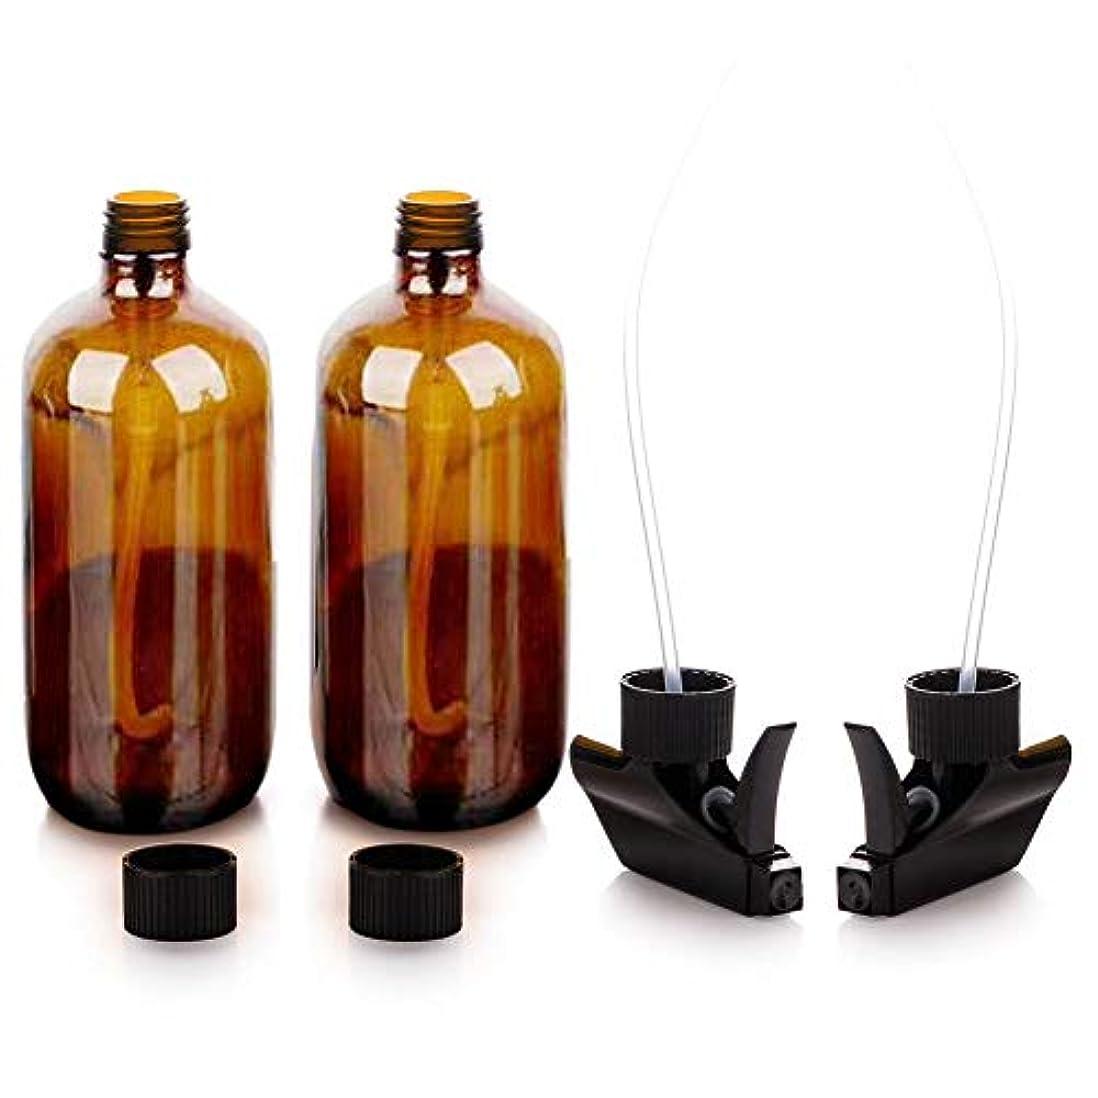 憧れ副詞取るスプレーボトル 遮光瓶 ガラス 微細 ミスト噴霧器 サロン理髪スプレー 植栽ツール 2ボトルキャップ付き 茶色